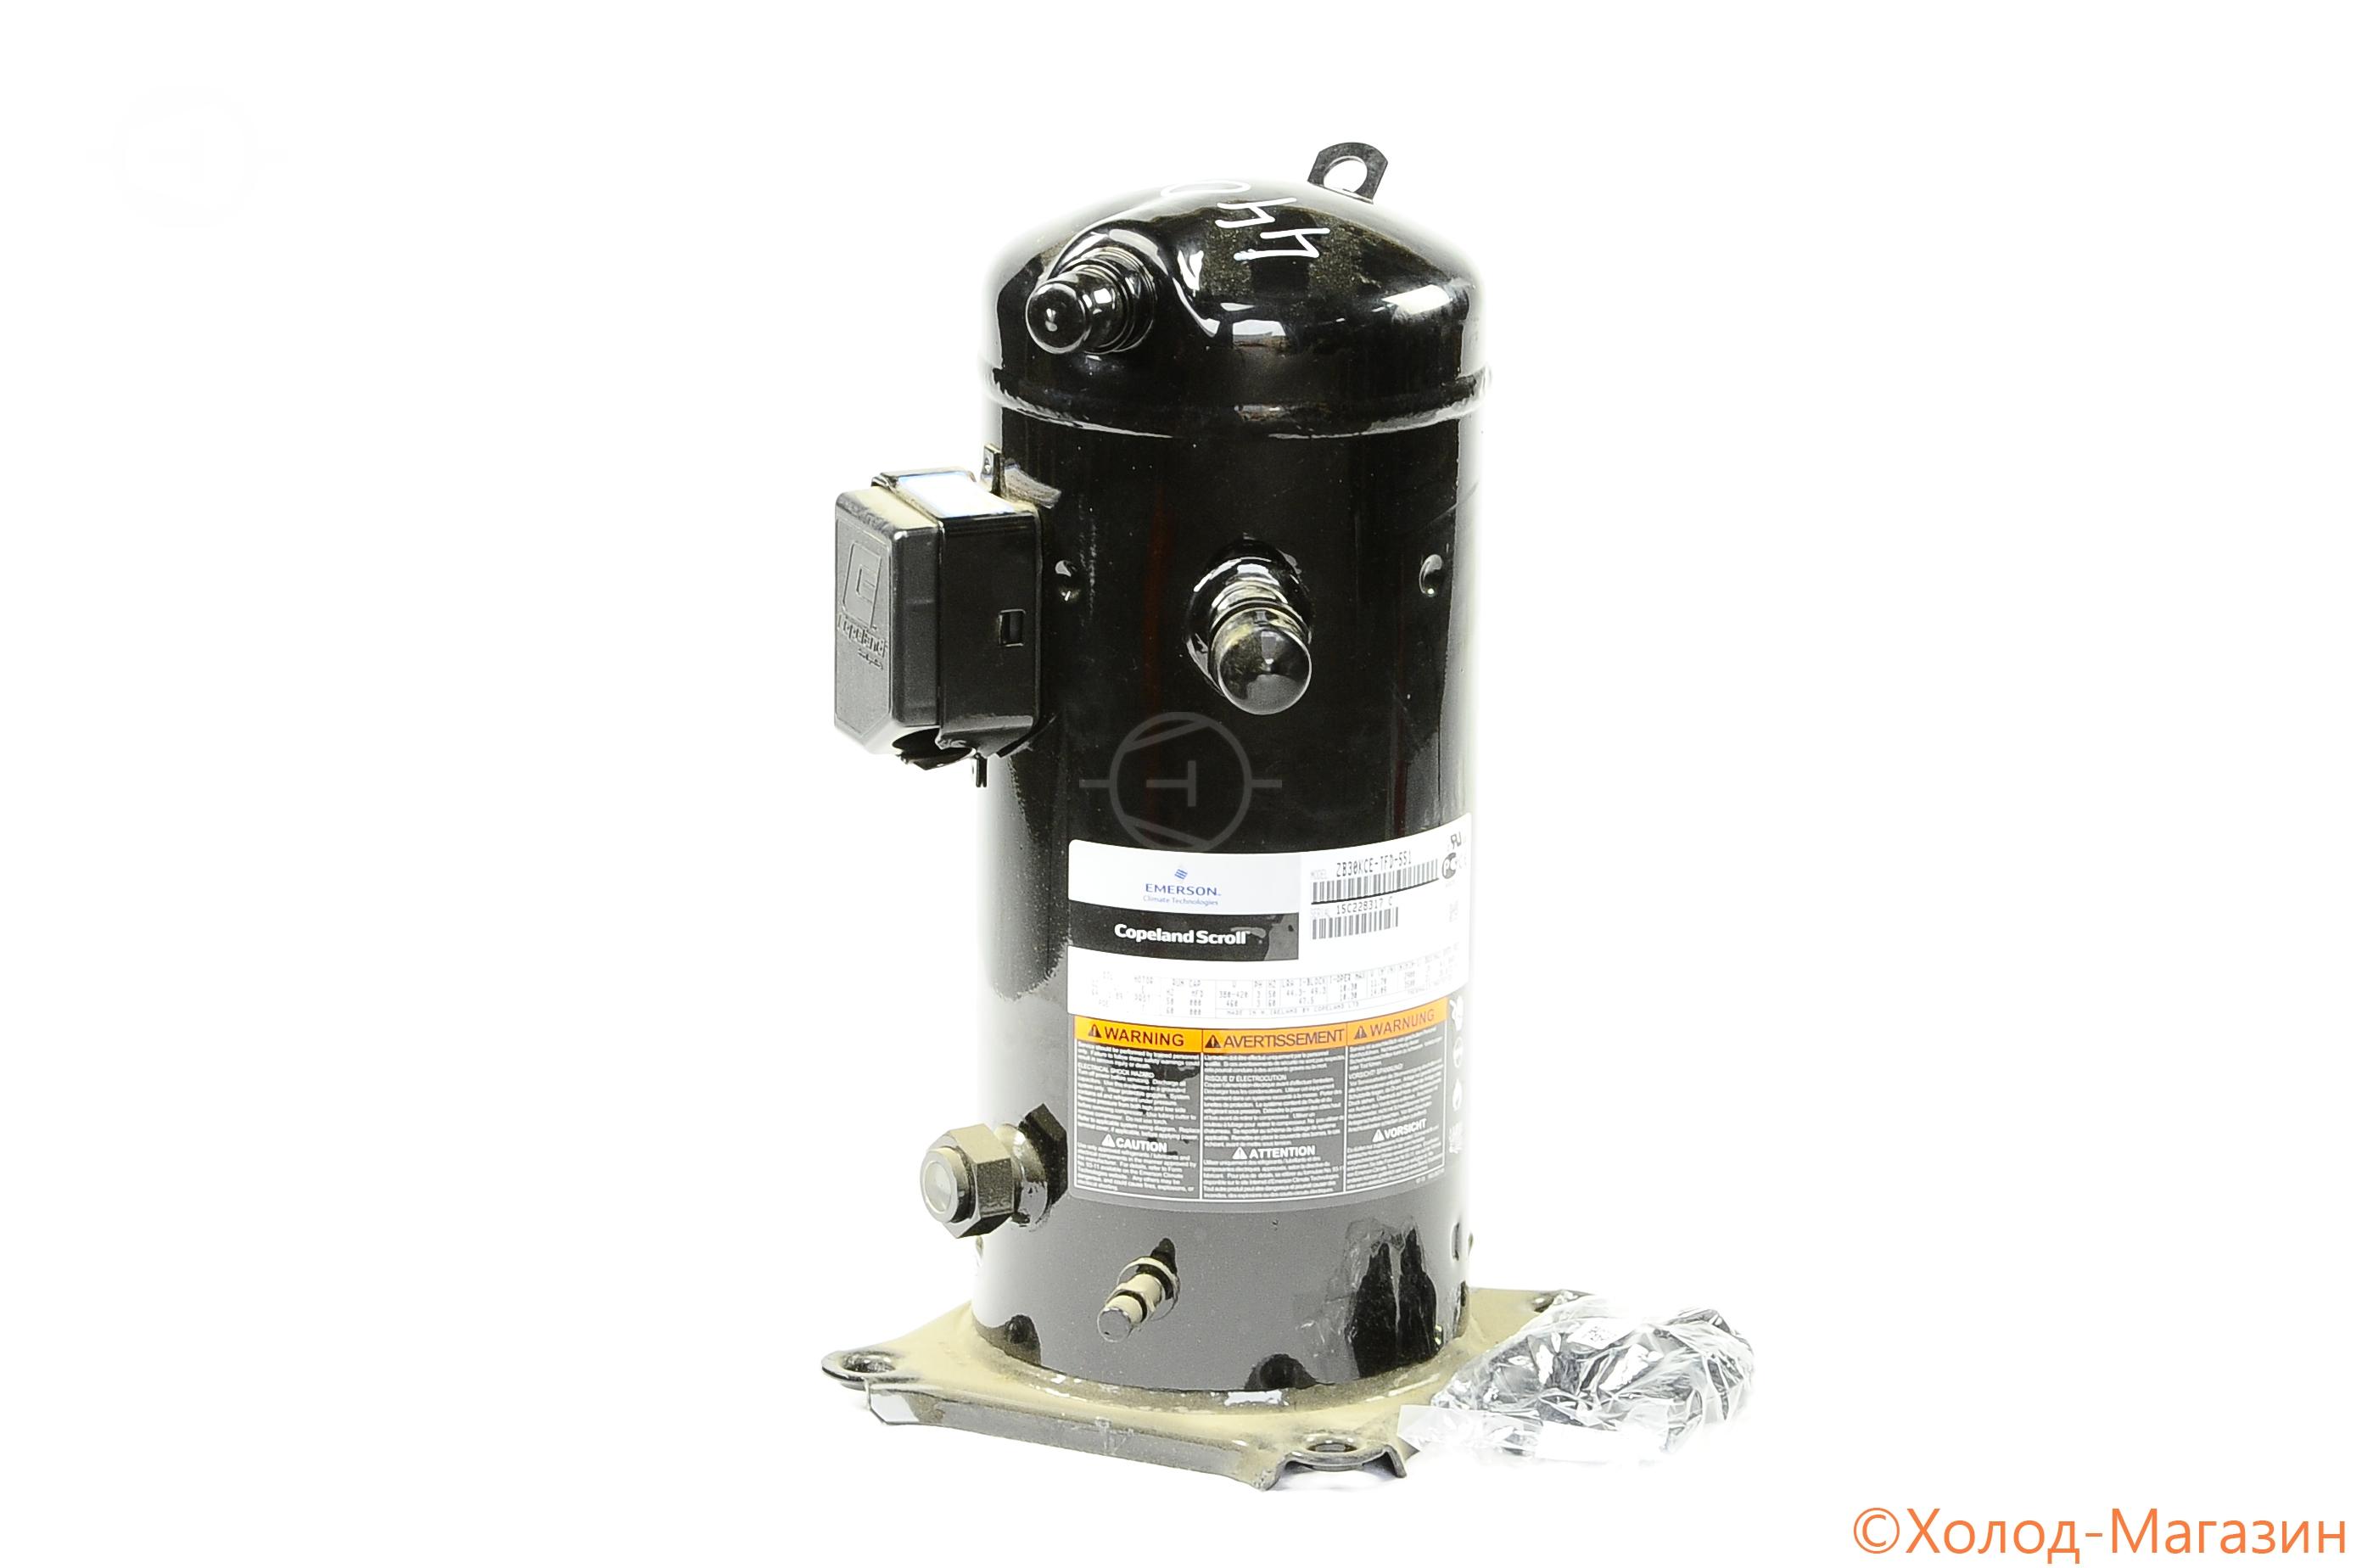 Компрессор спиральный ZB 30 KCE-TFD-551 Copeland, Emerson